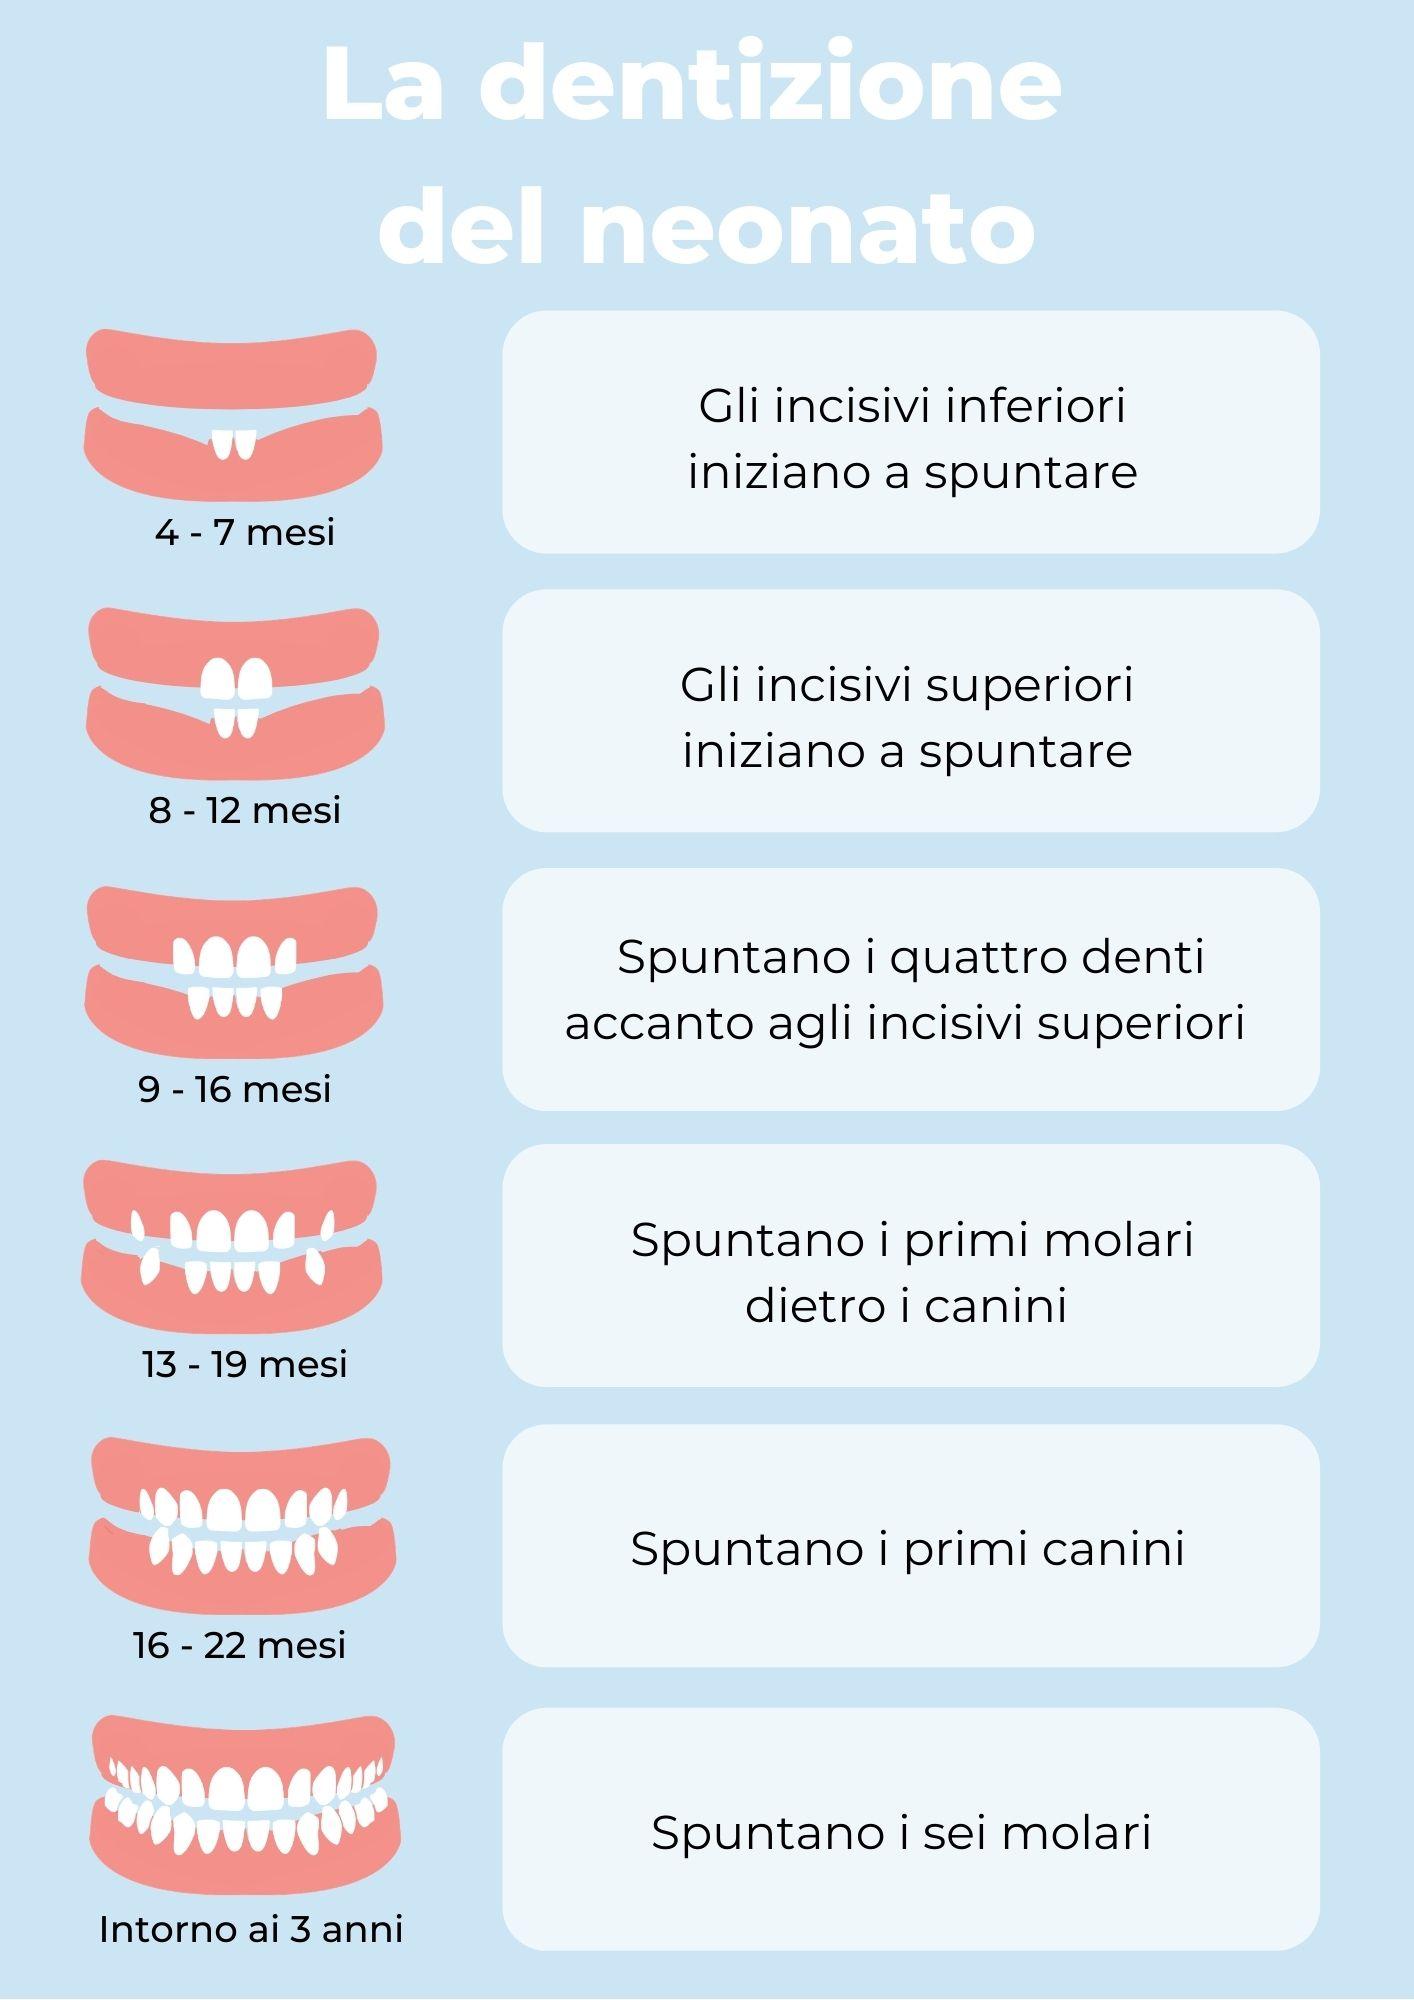 La dentizione del neonato: a che età spuntano i denti?